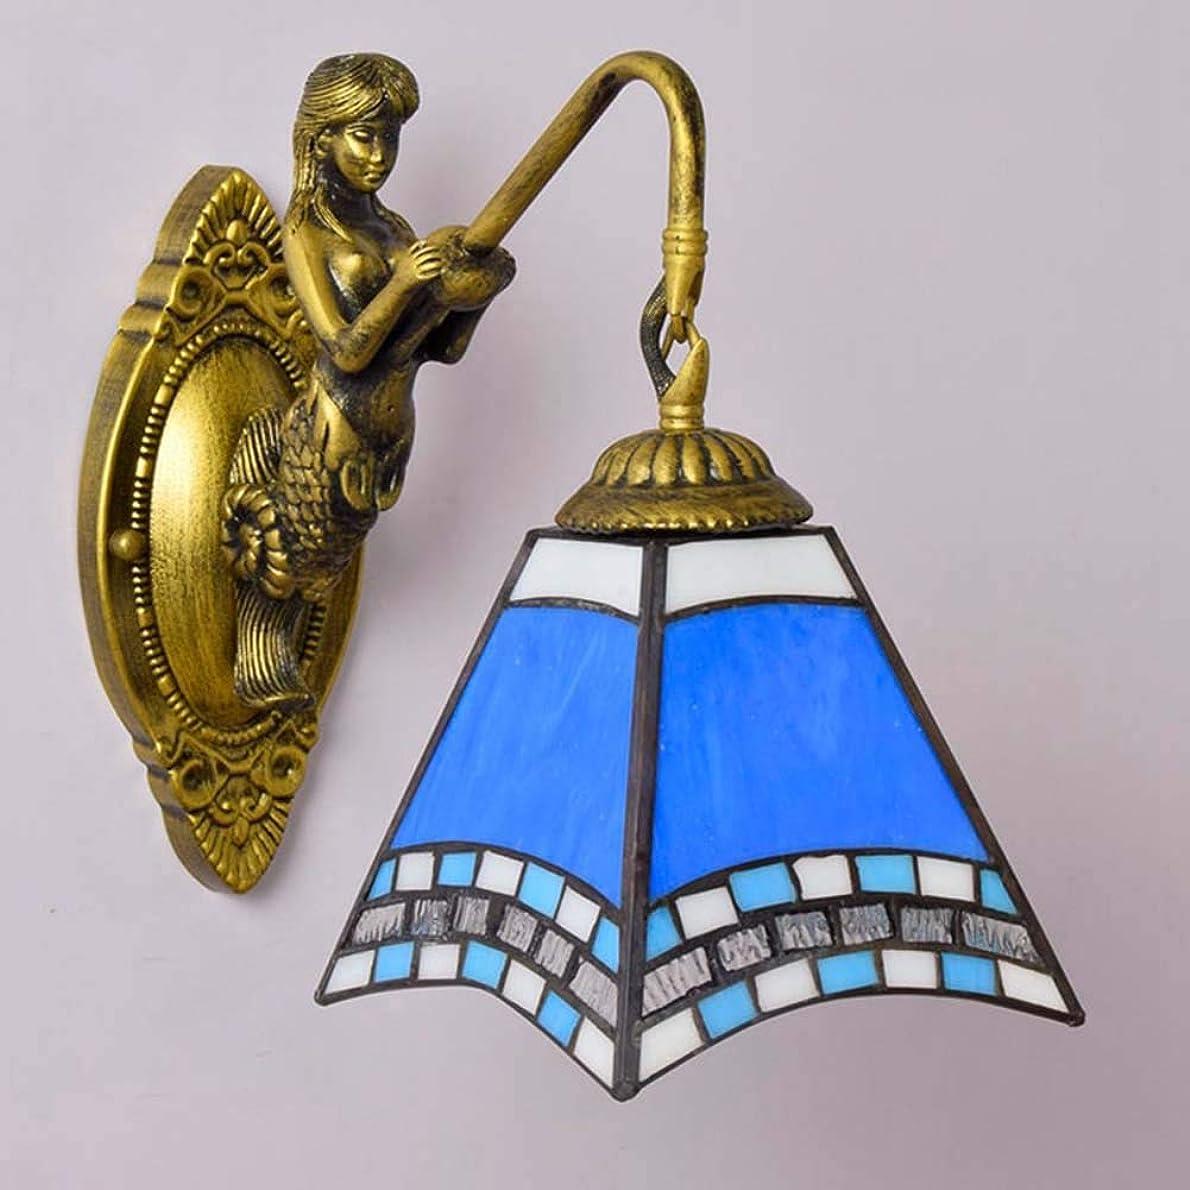 ジェスチャー構造ドル女神の基盤が付いているティファニー様式の壁の燭台/壁ライト、喫茶店クラブのための地中海のアゲハデザイン青いガラス壁ライト寝室ブラケット